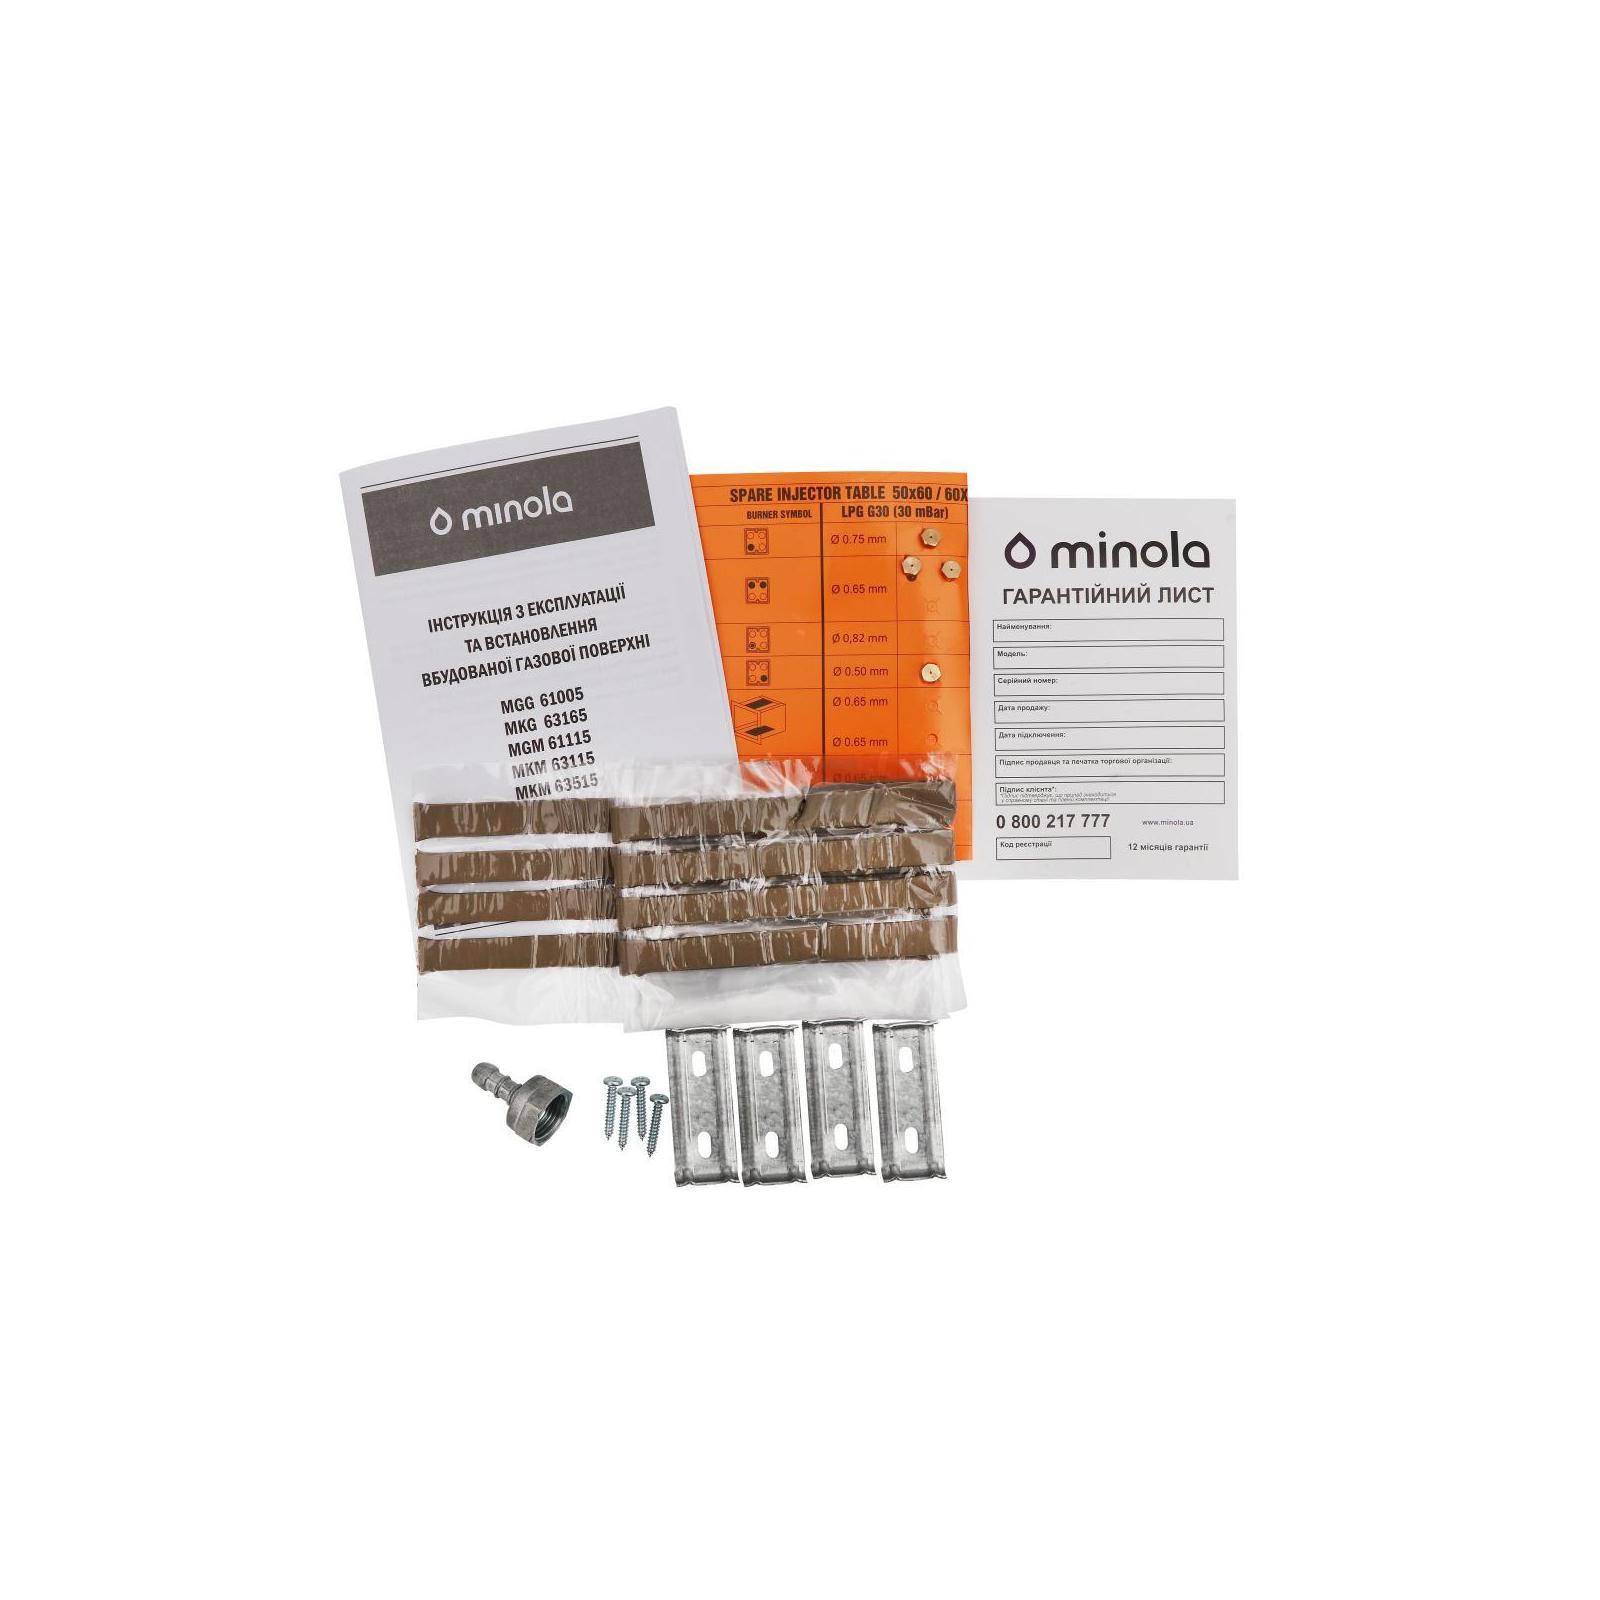 Варочная поверхность MINOLA MGG 61005 WH изображение 6